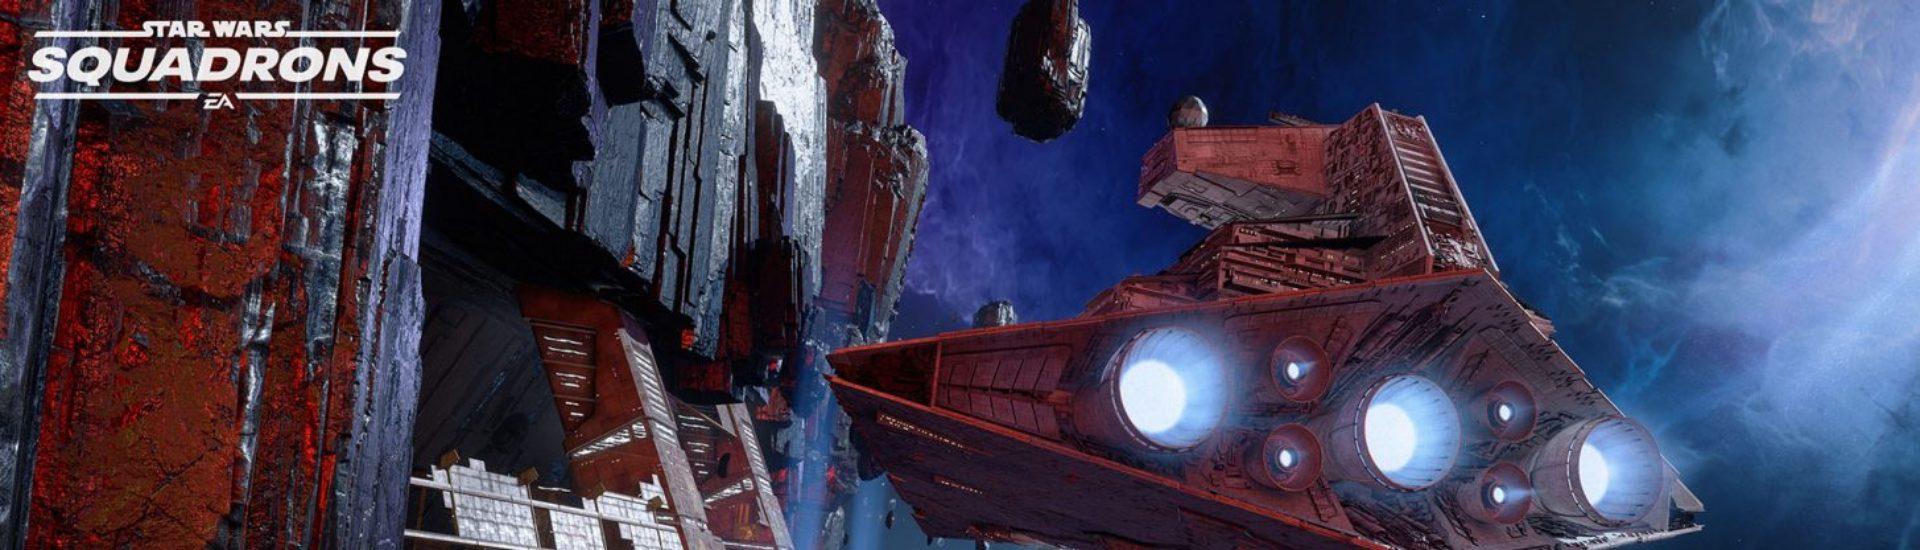 Star Wars Squadrons bekommt überraschend neue Inhalte